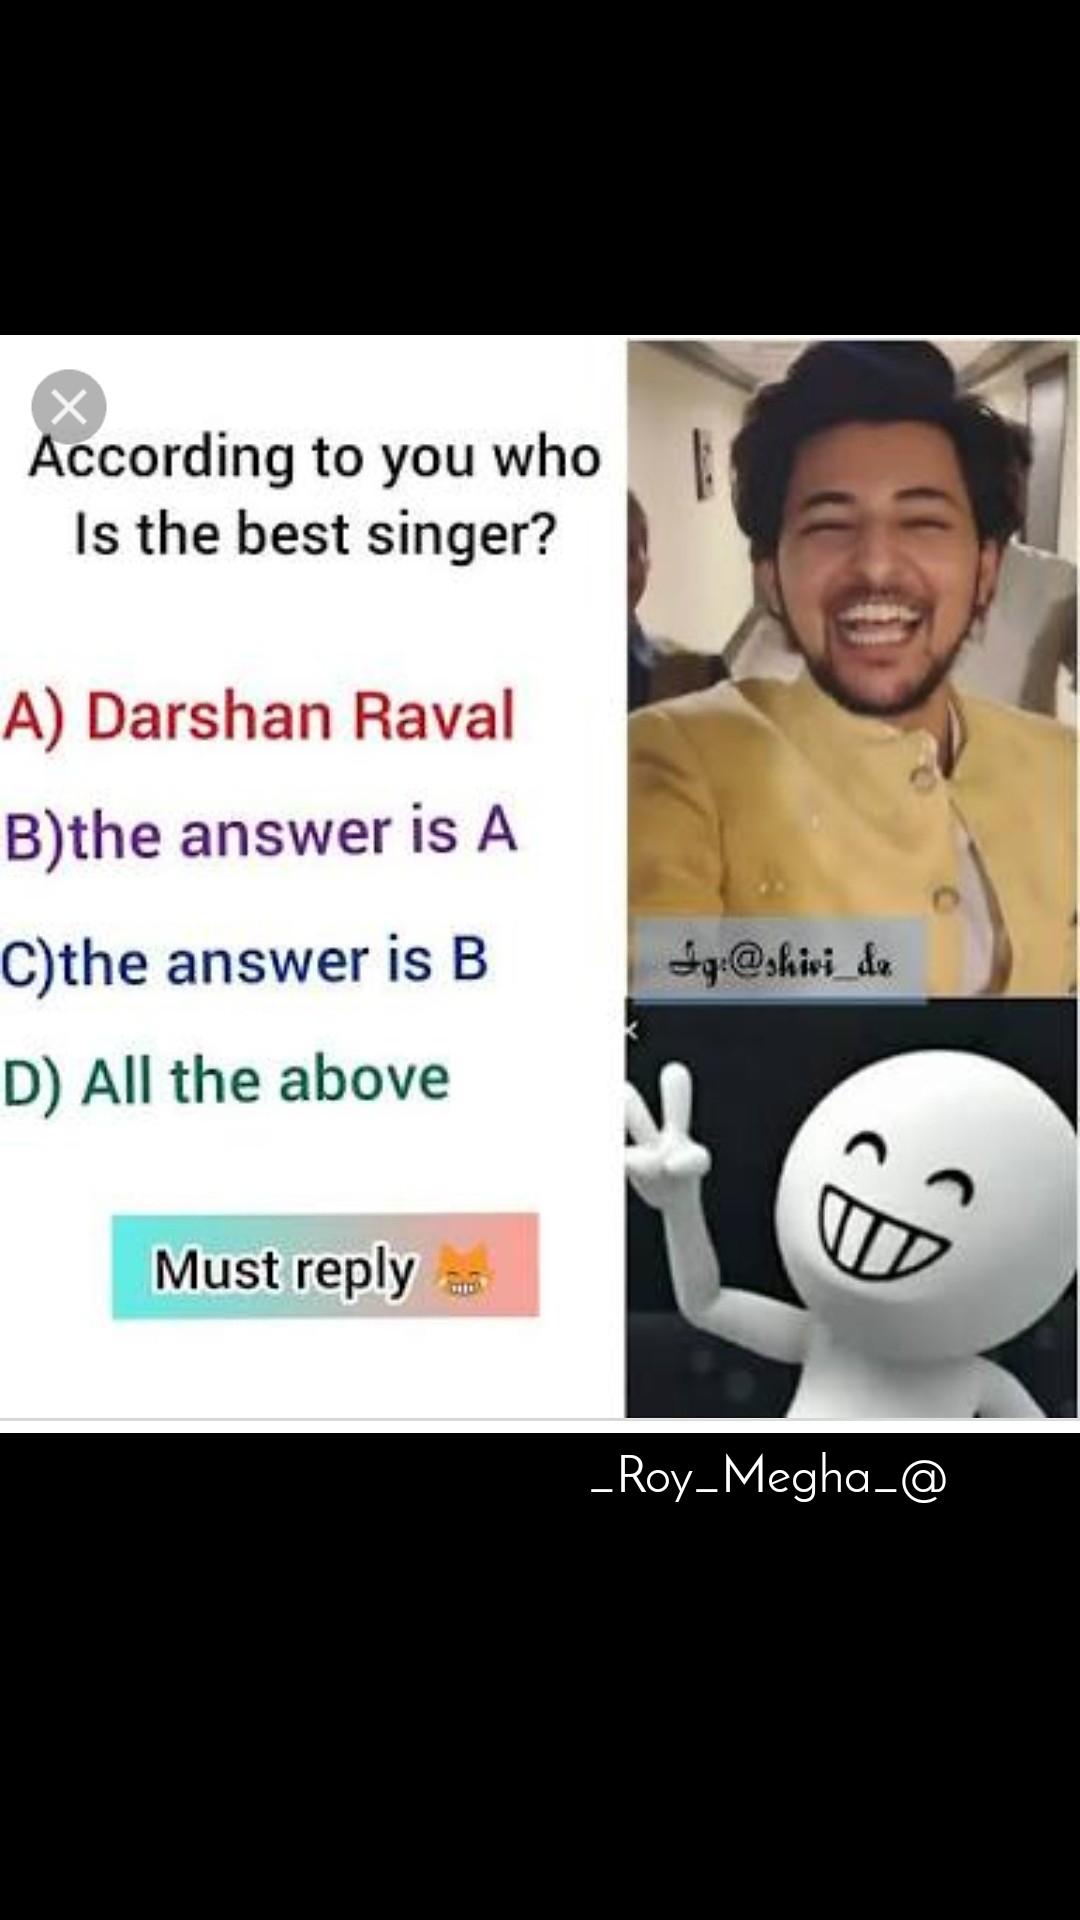 _Roy_Megha_@